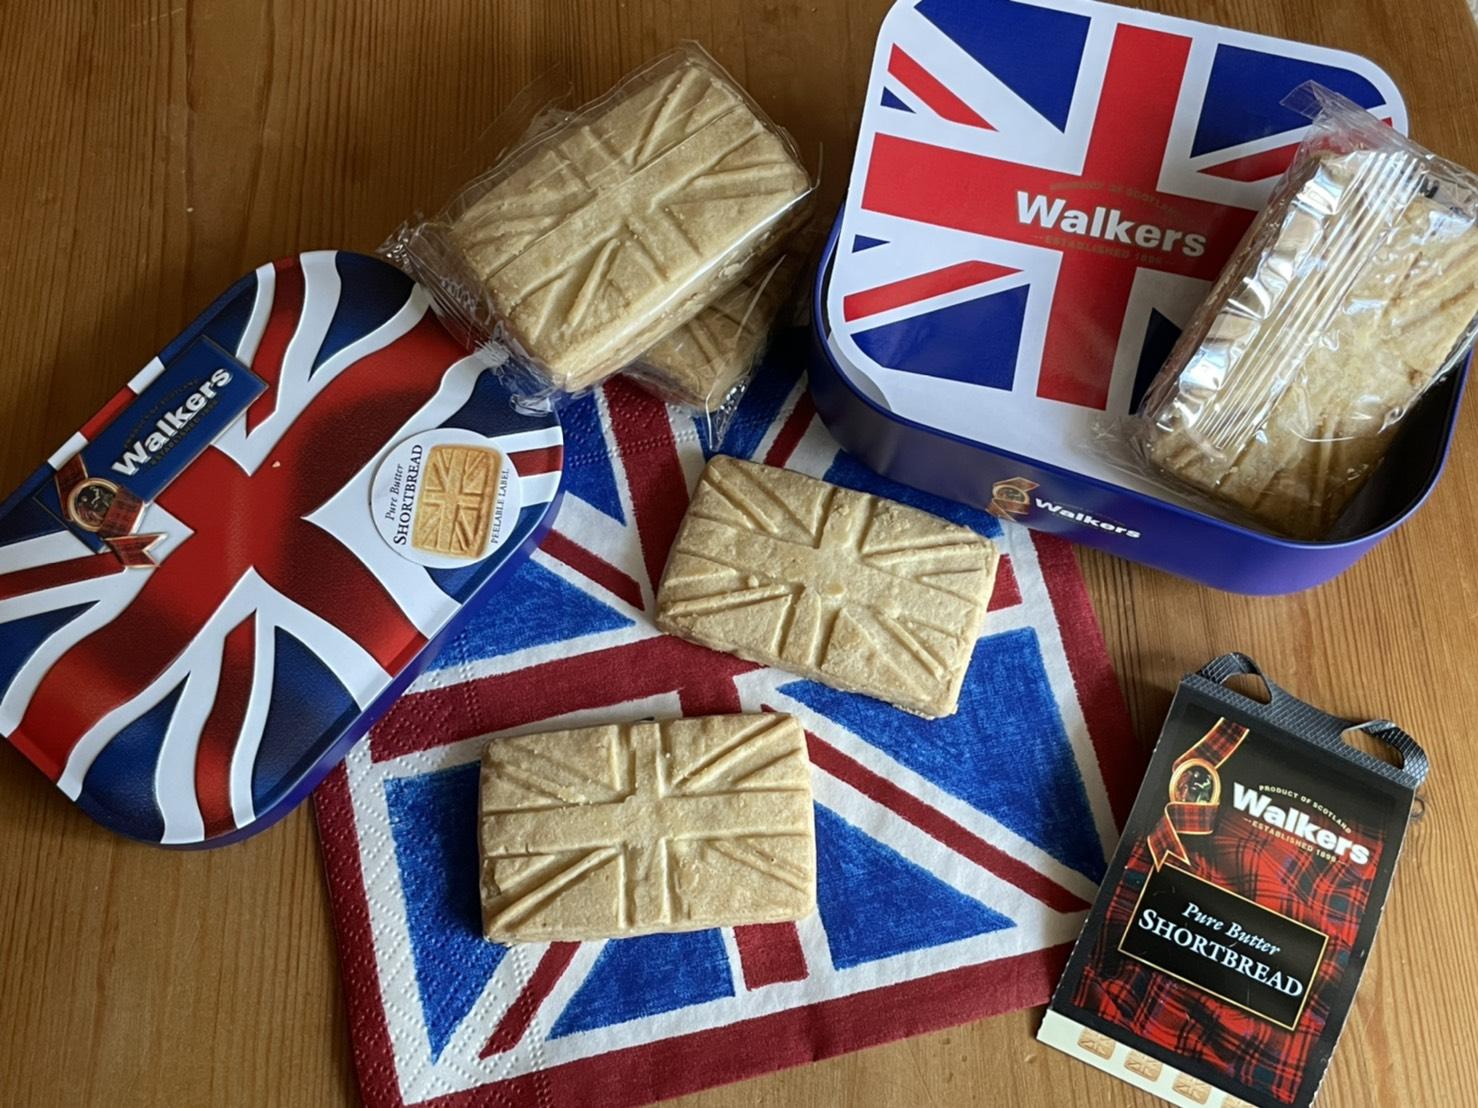 Walkers Union jack Design ユニオンジャックの缶もかわいいウォーカーショートブレッド